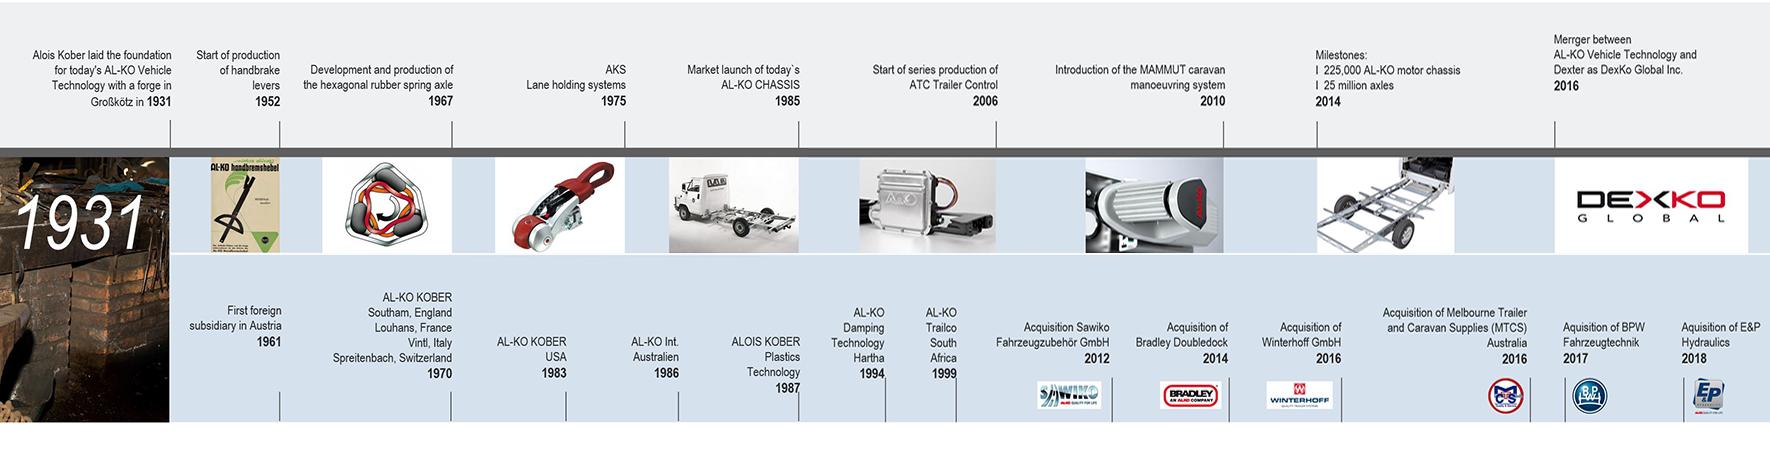 AL-KO Vehicle Technology